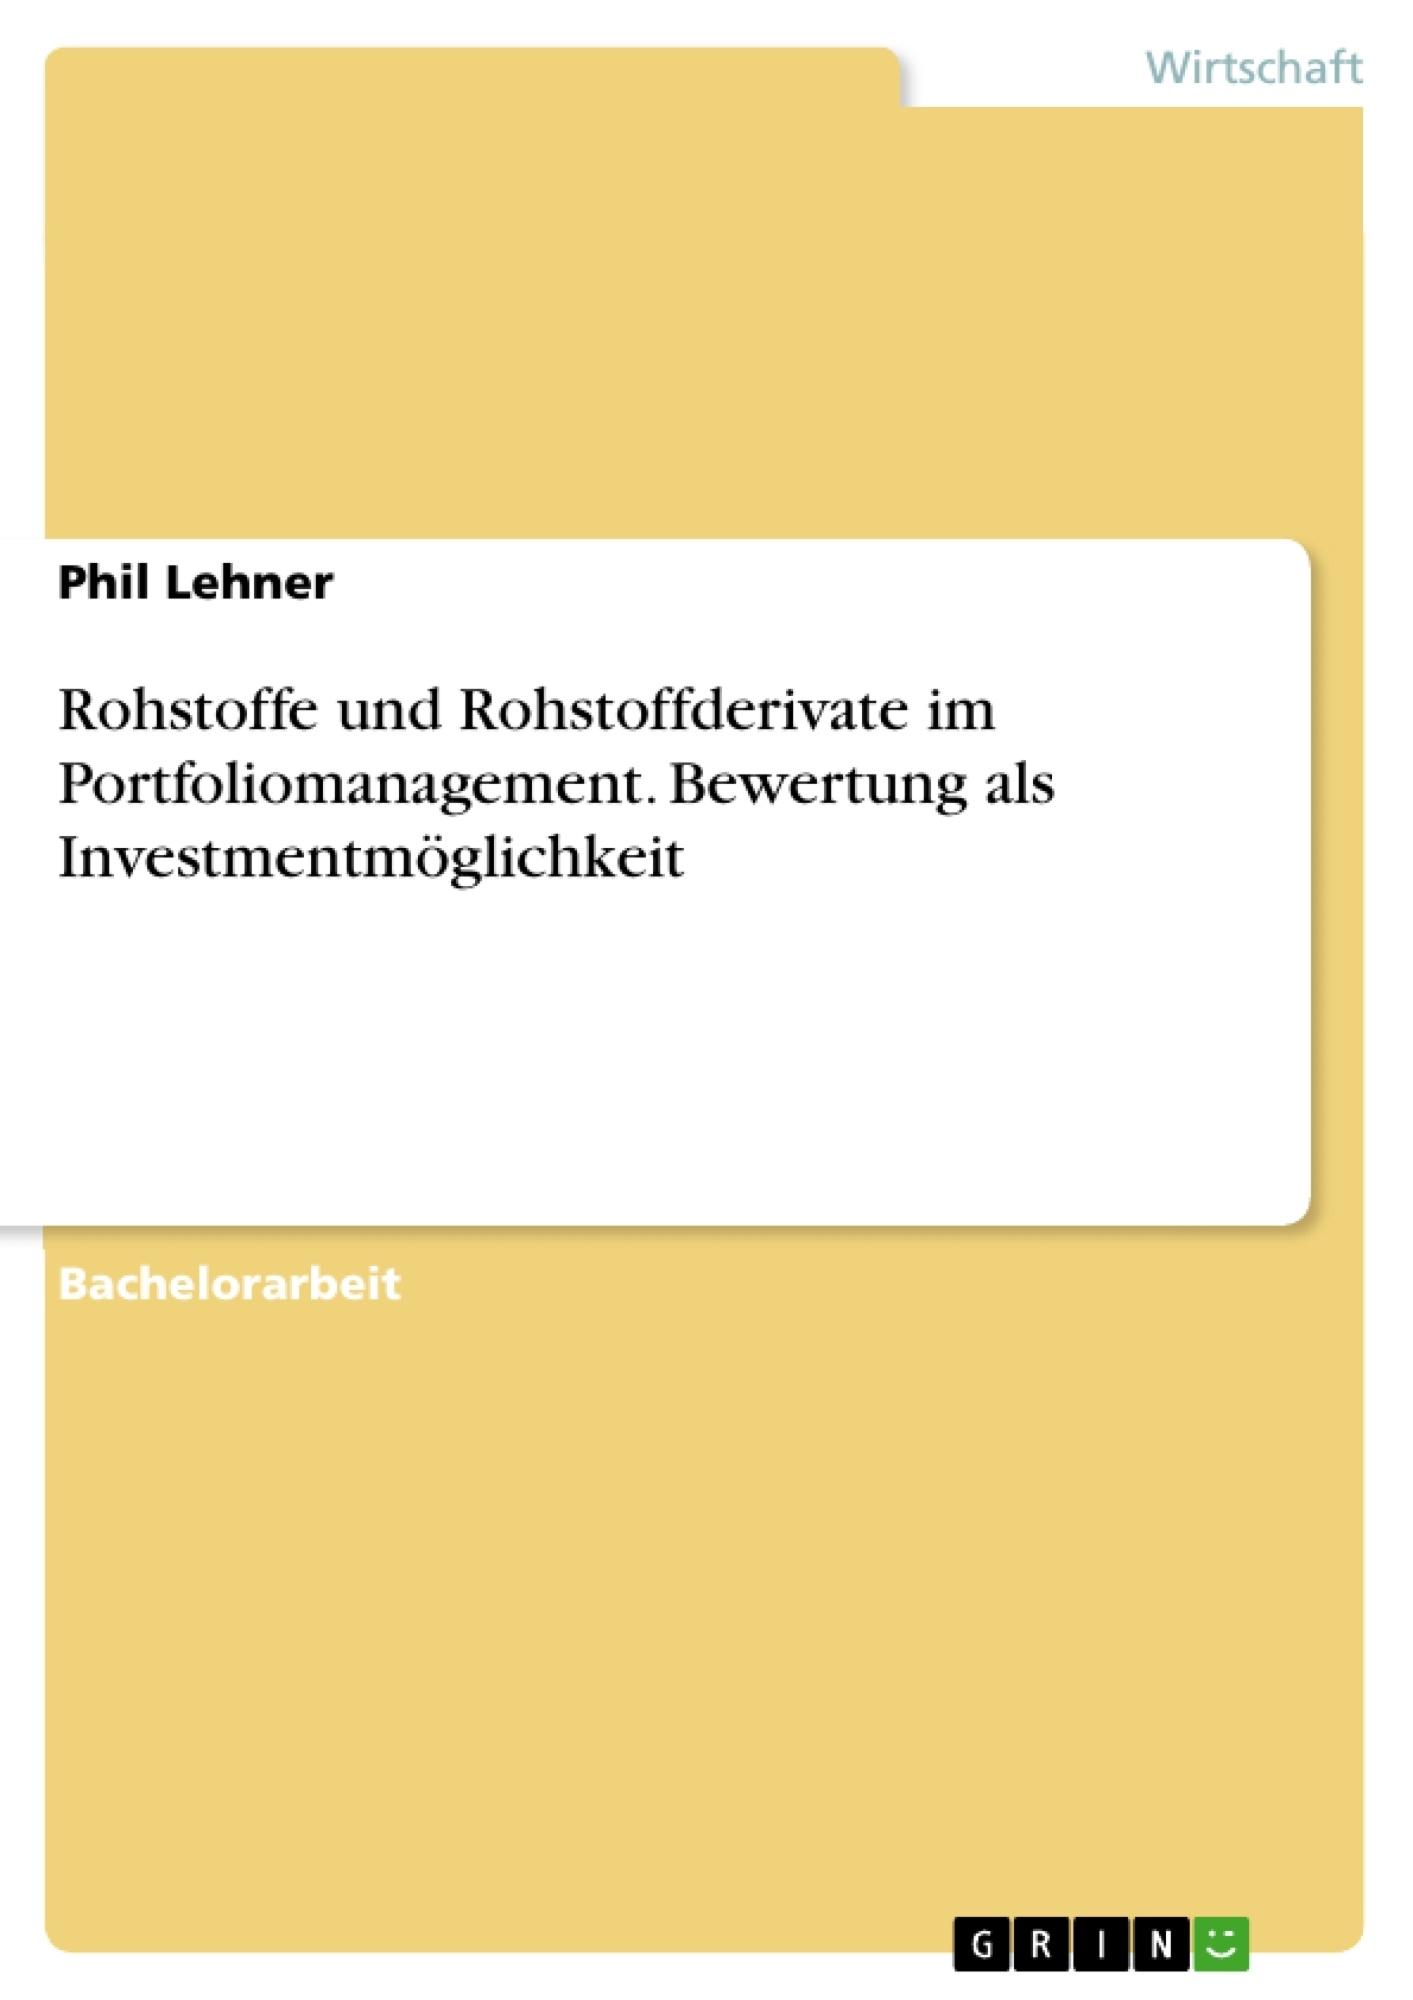 Titel: Rohstoffe und Rohstoffderivate im Portfoliomanagement. Bewertung als Investmentmöglichkeit